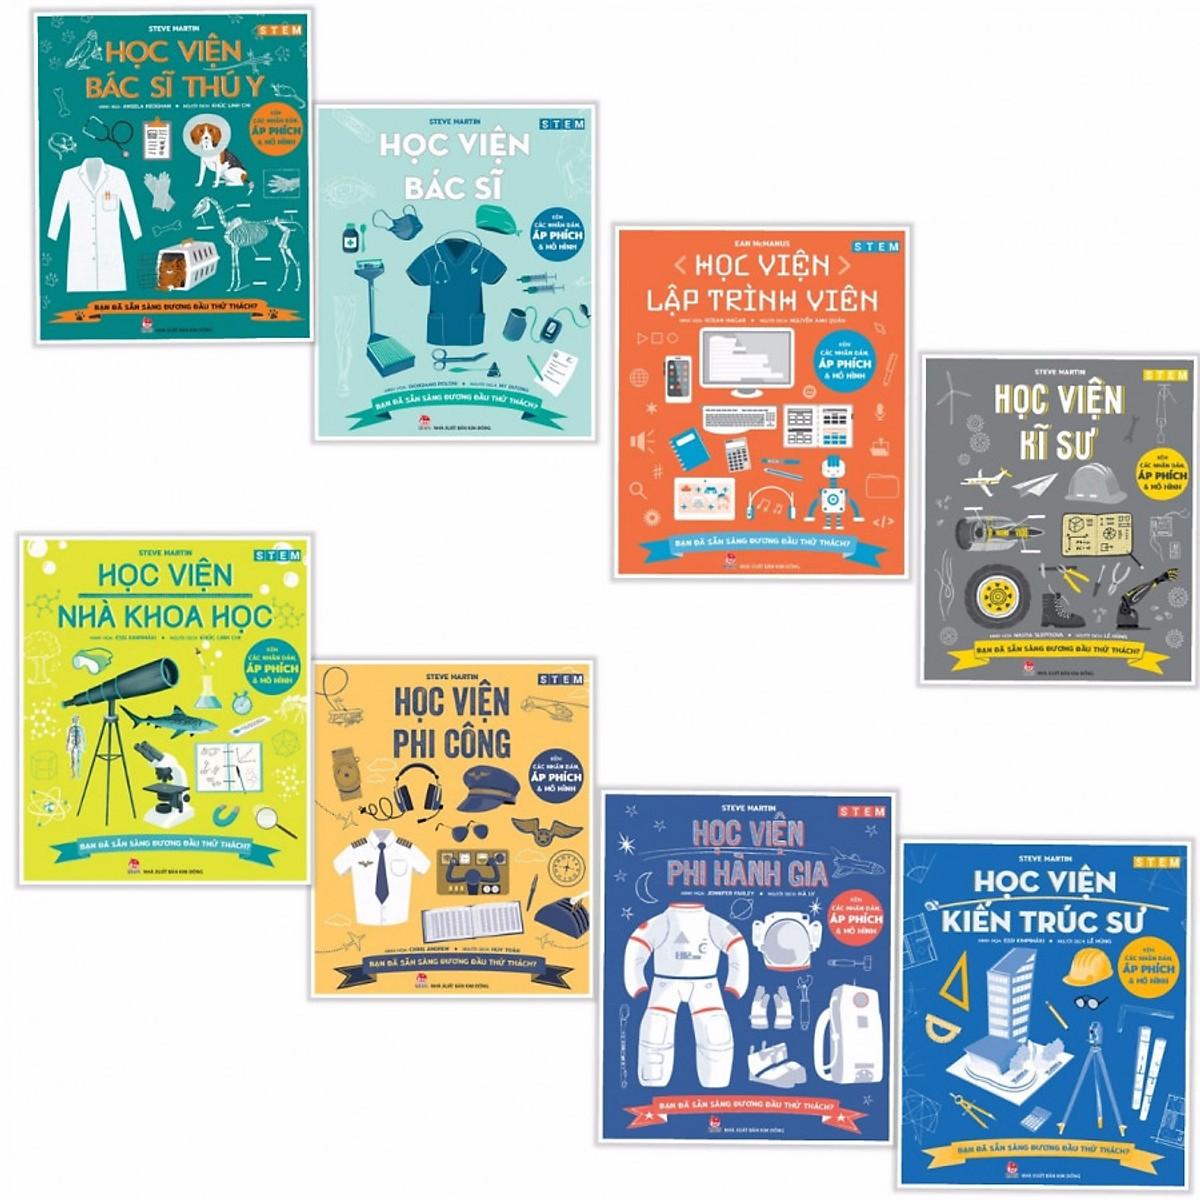 Trọn bộ STEM Khoa học: Giúp trẻ khám phá và sáng tạo (trọn bộ 8 quyển)